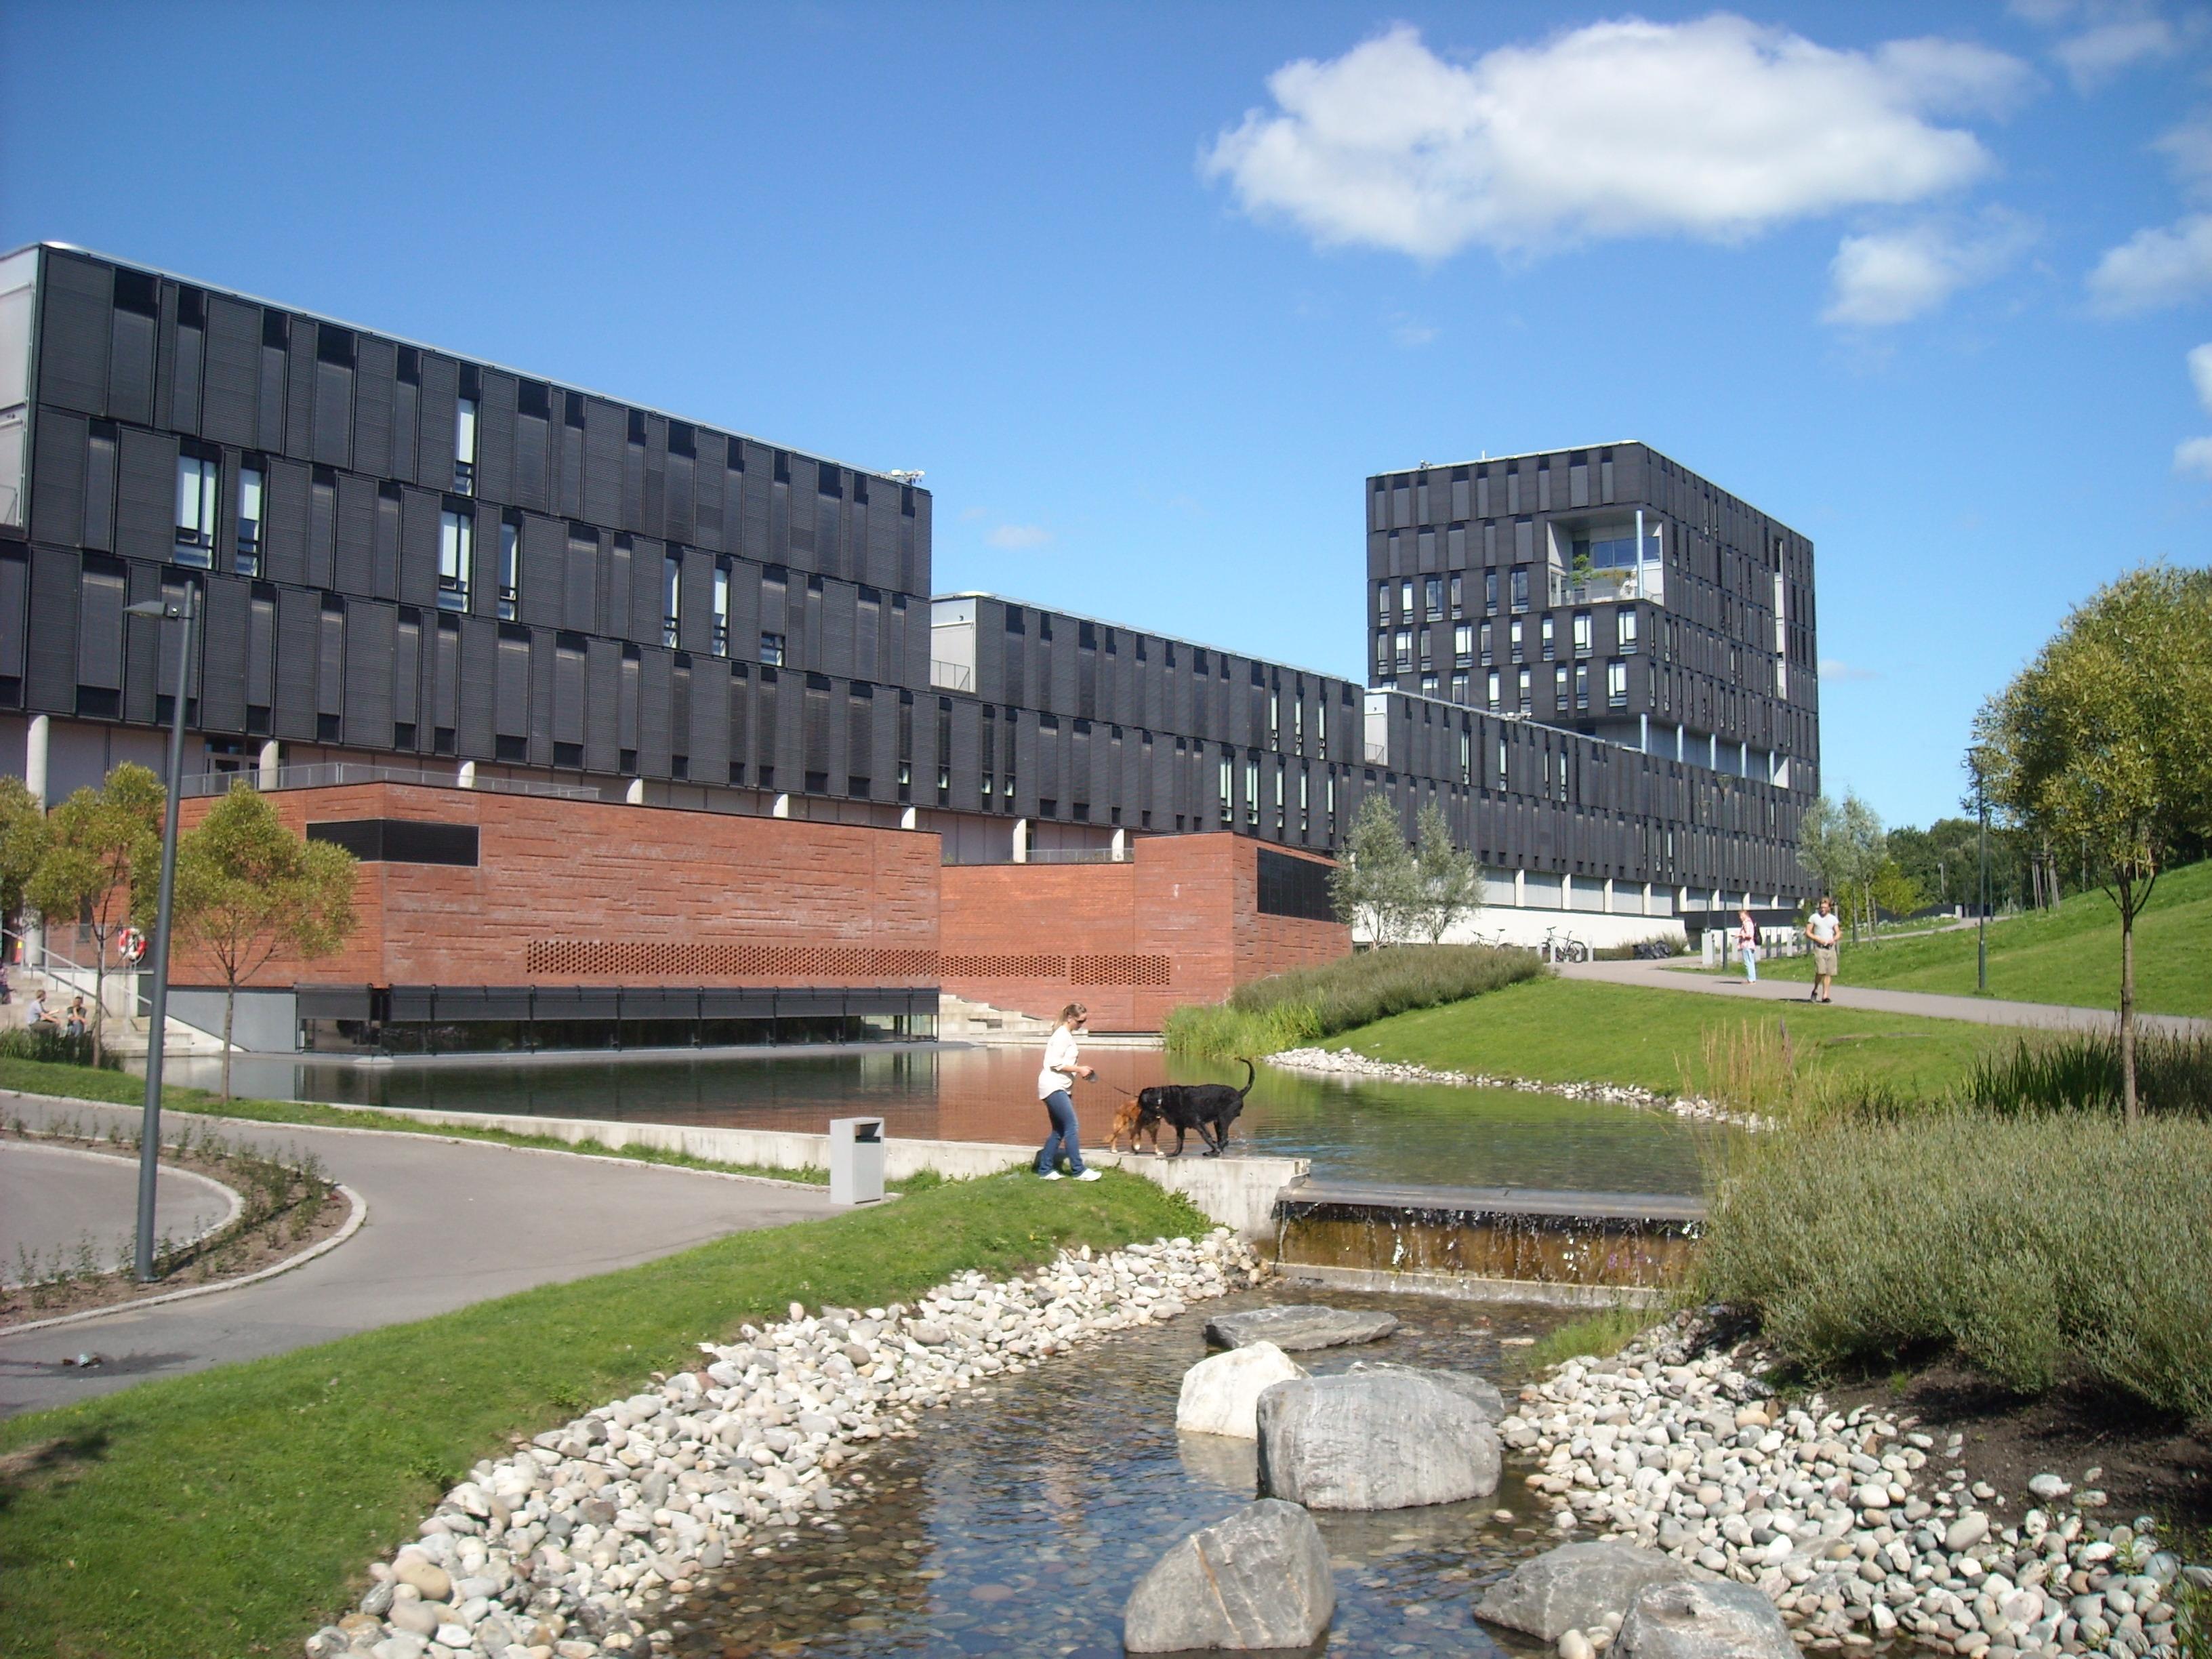 Informatic_Department_UiO_(Ole-Johan_Dahls_hus).JPG